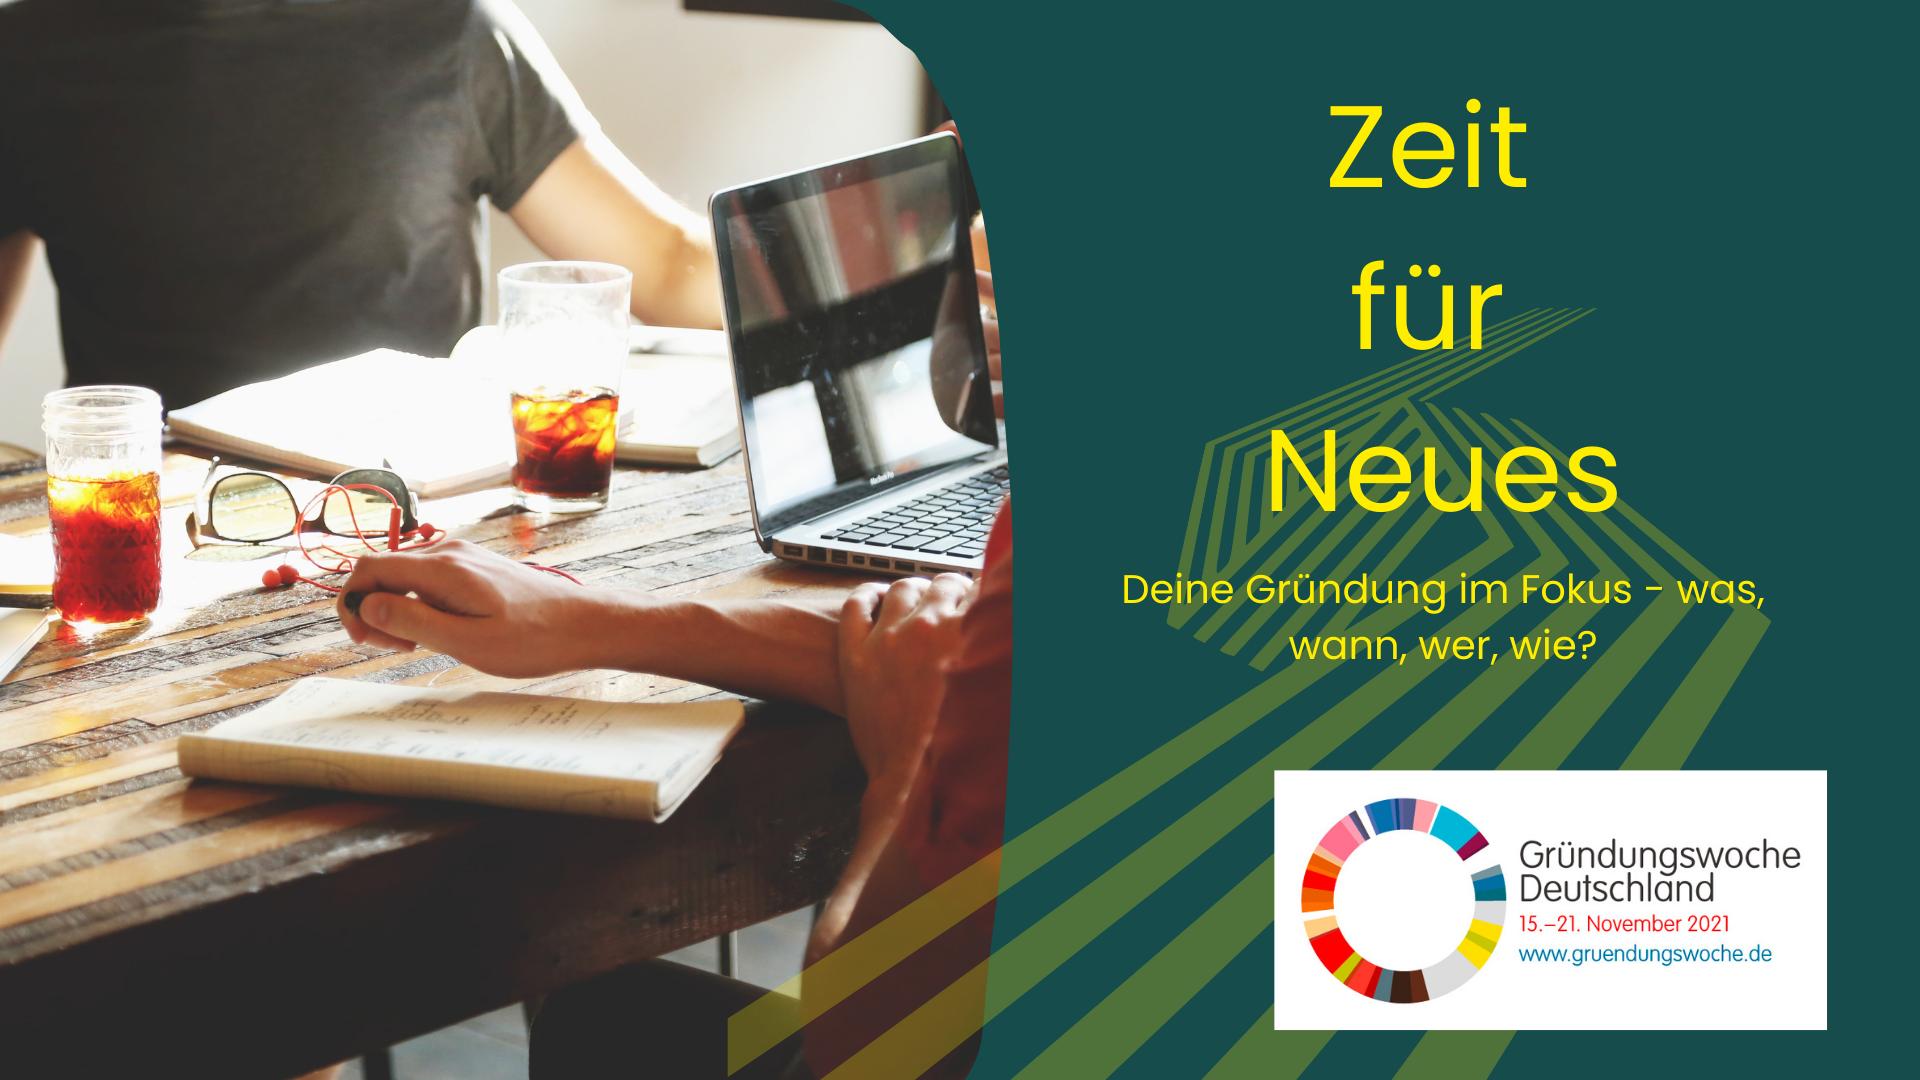 zeit-fuer-neues-infoveranstaltung